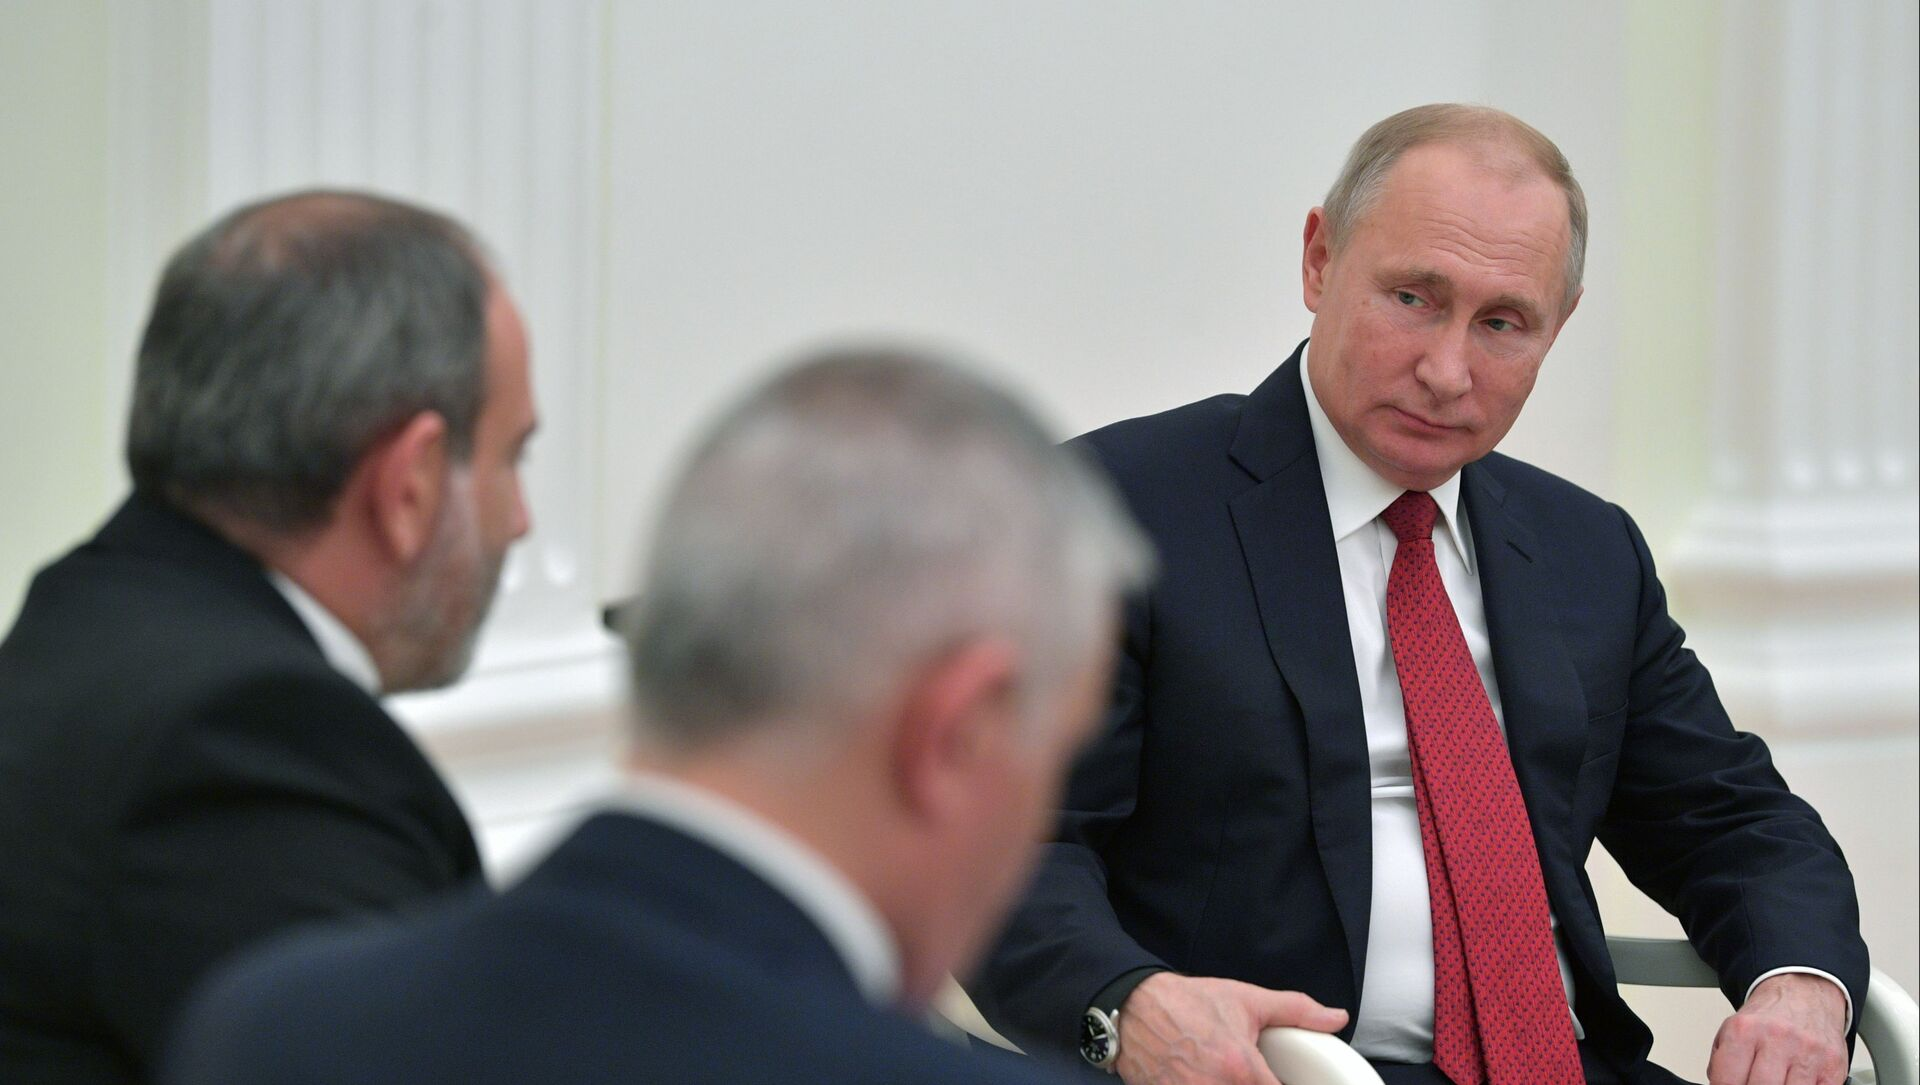 Президент РФ Владимир Путин и премьер-министр Армении Никол Пашинян (слева)  - Sputnik Азербайджан, 1920, 05.04.2021